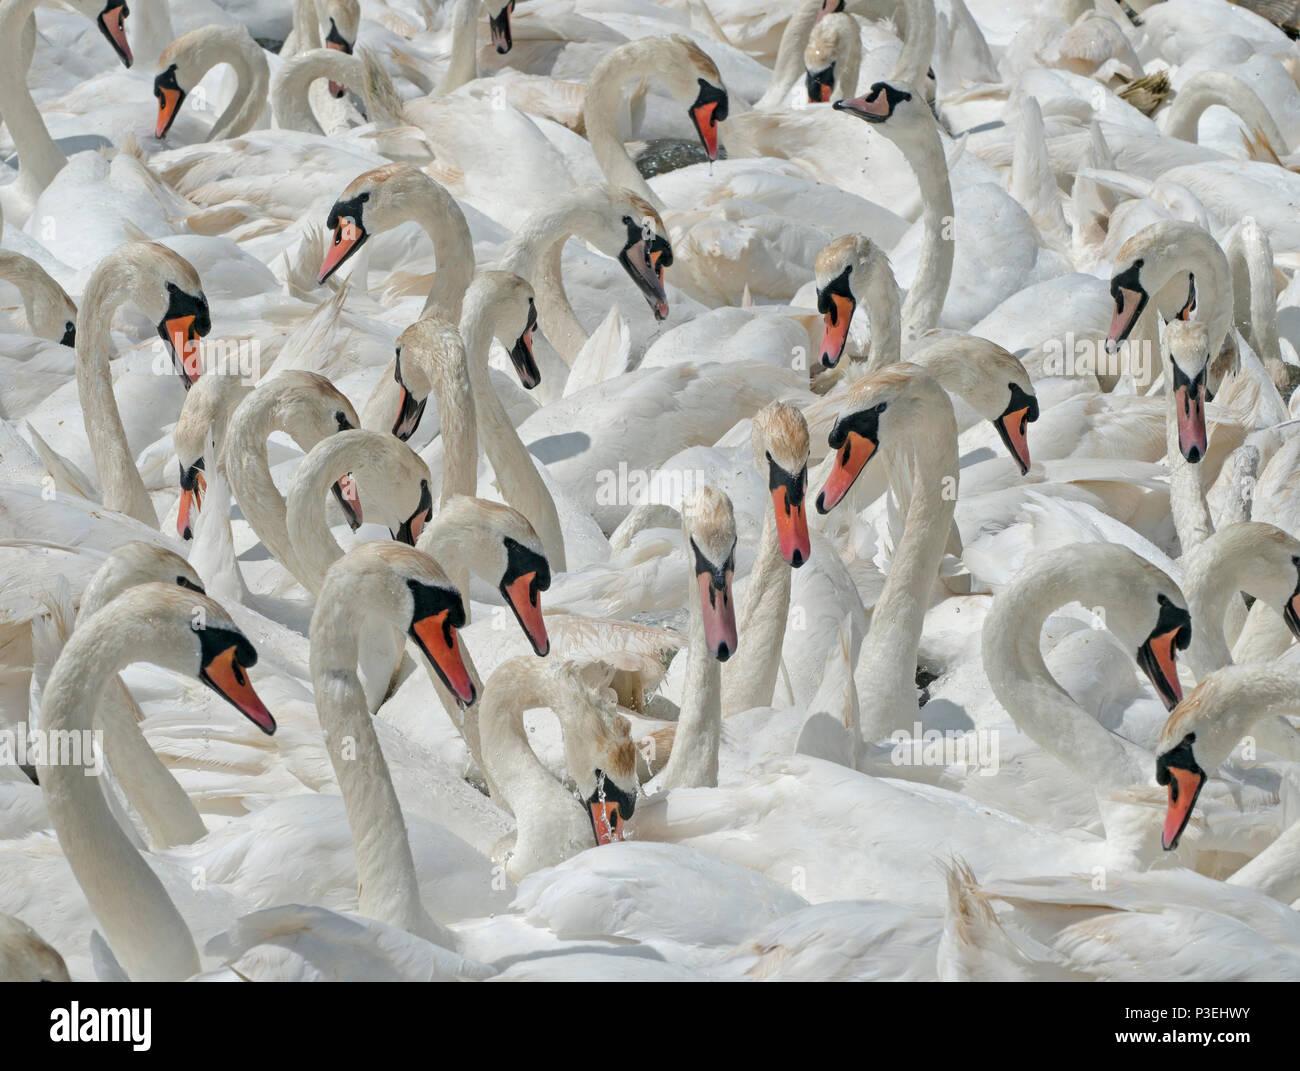 Höckerschwäne Cygnus olar Herde nicht Zucht erwachsene Flotte Lagune Dorset Stockbild